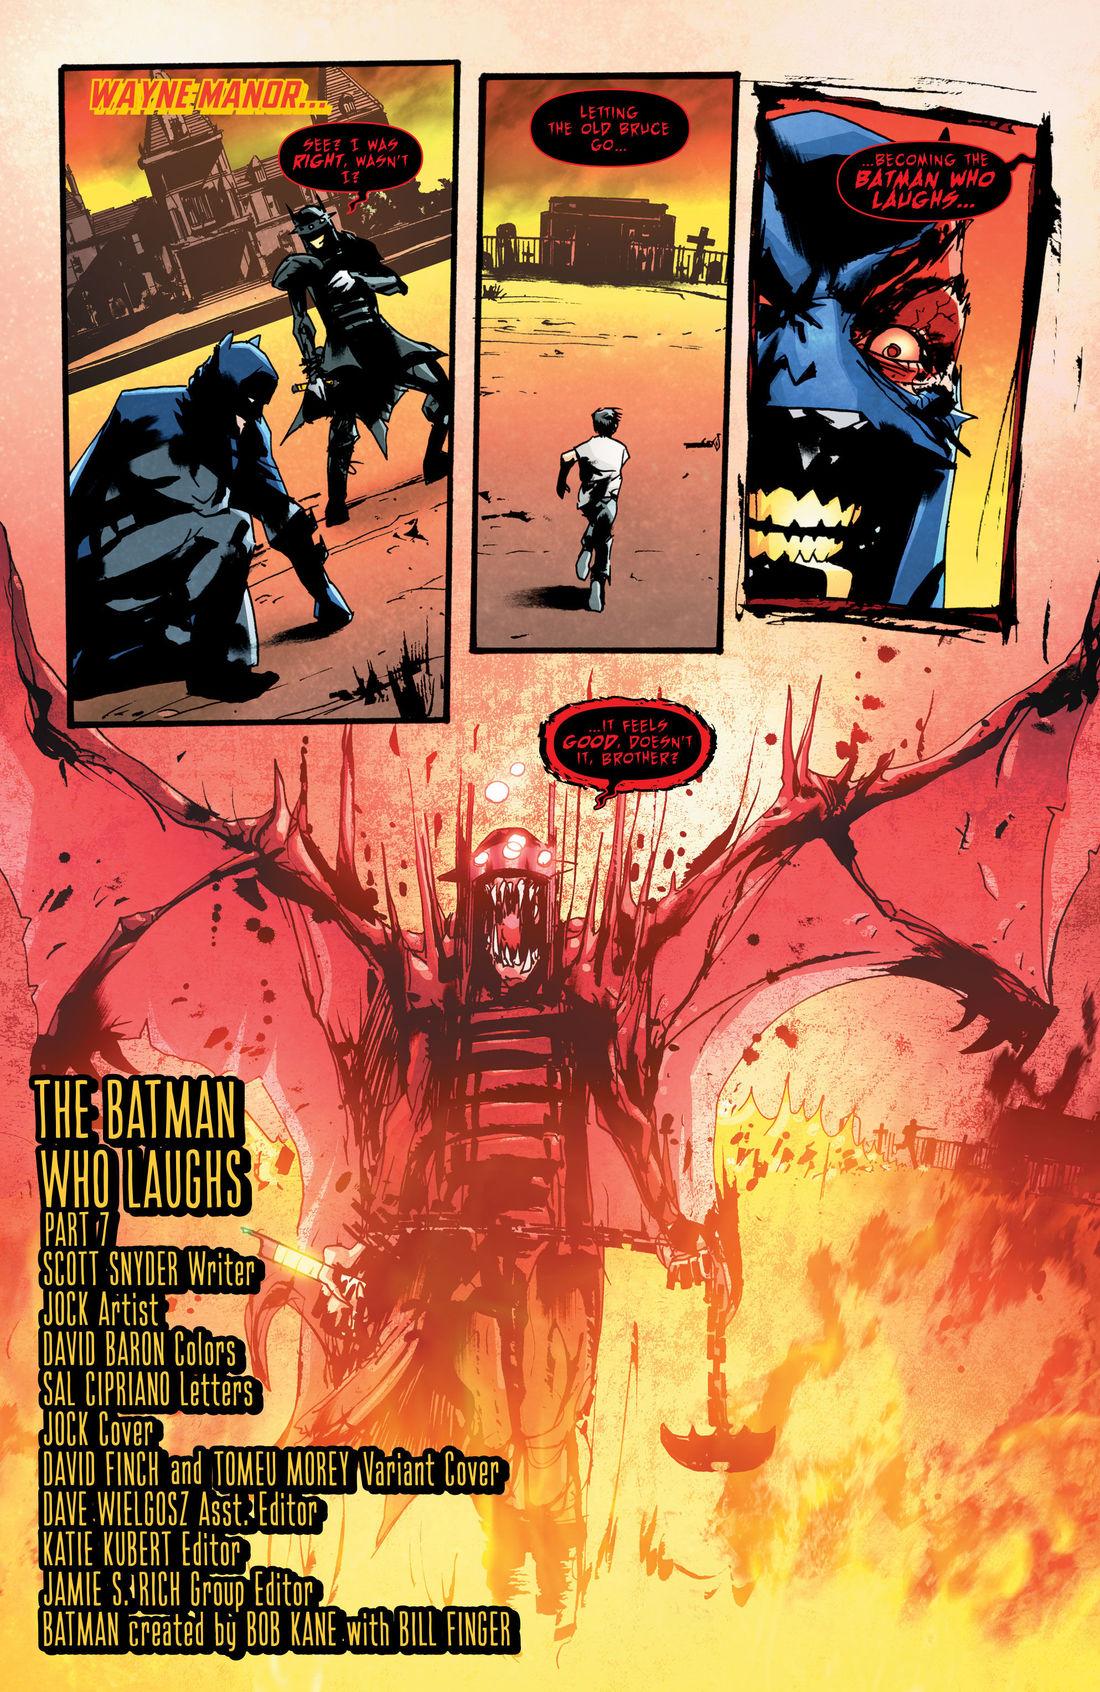 THE-BATMAN-WHO-LAUGHS-7-2_0